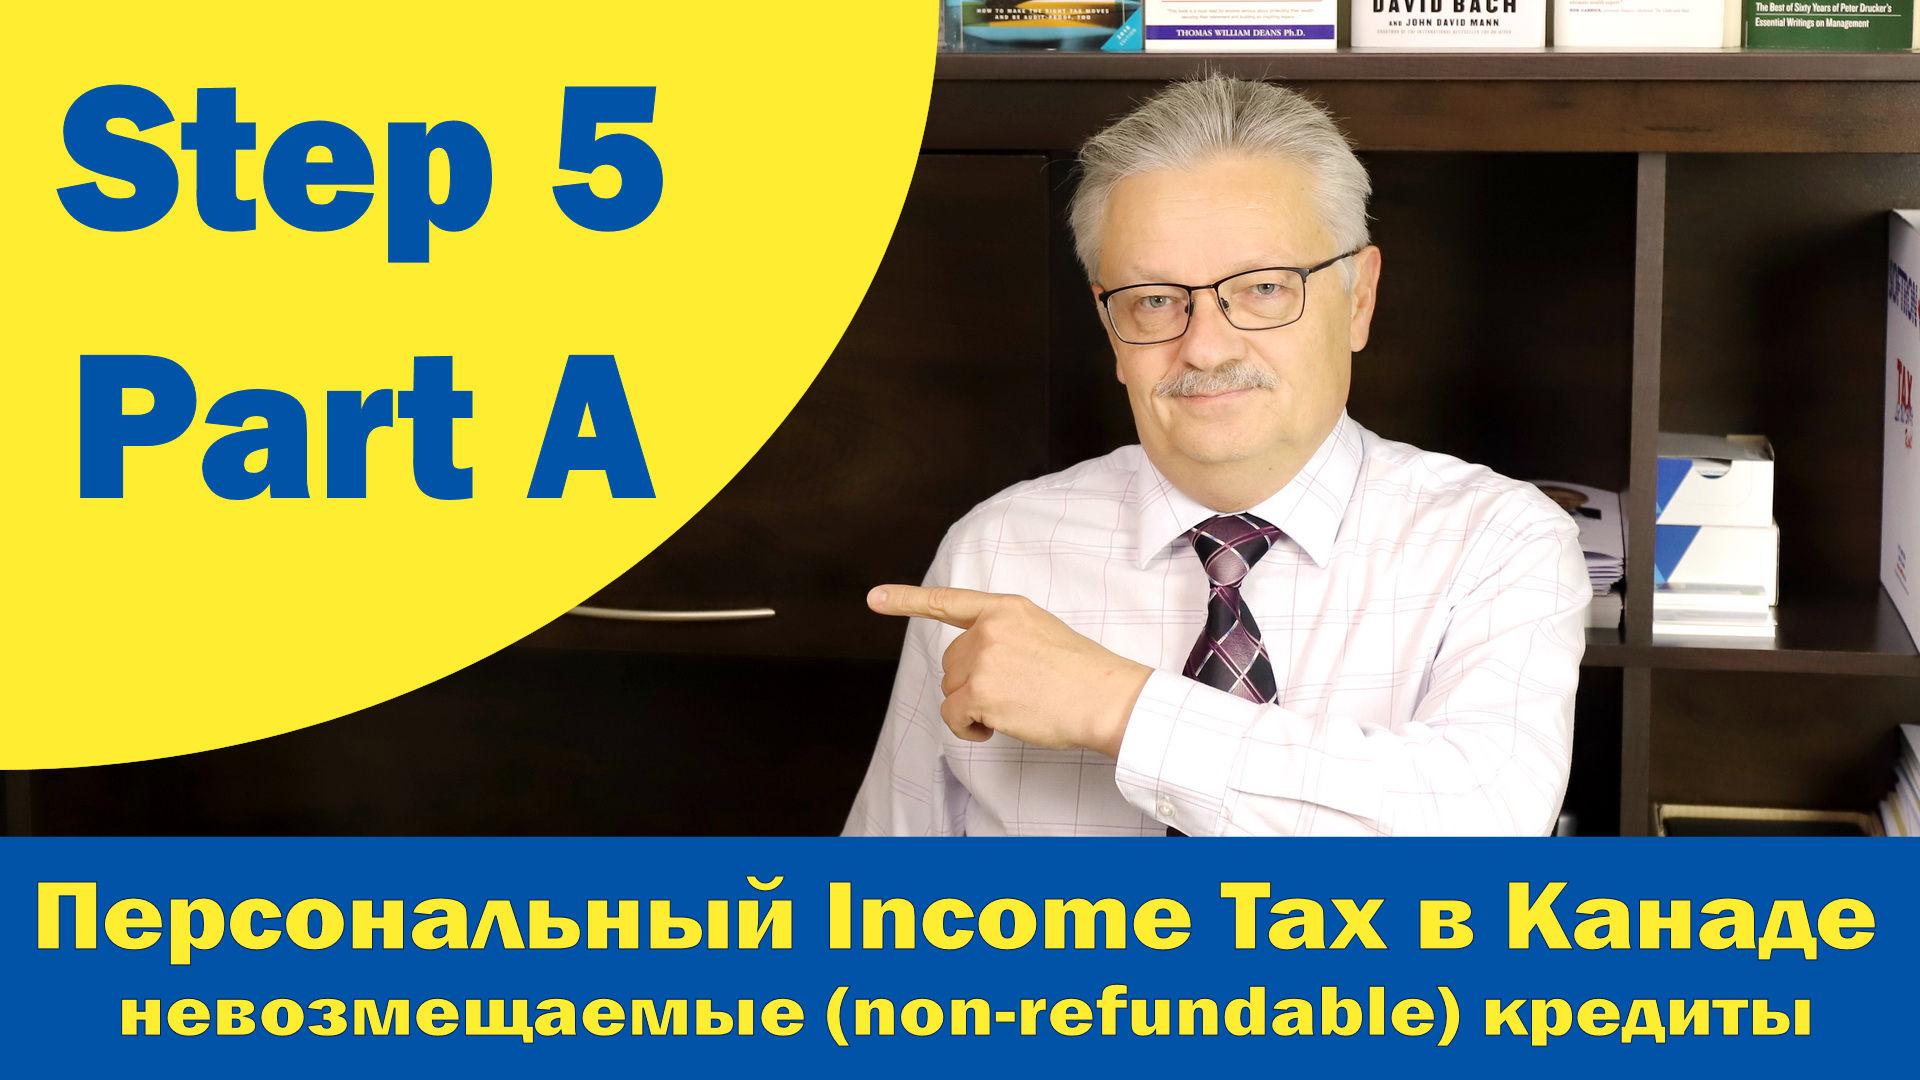 Персональная налоговая декларация в Канаде, шаг 5-й, часть А